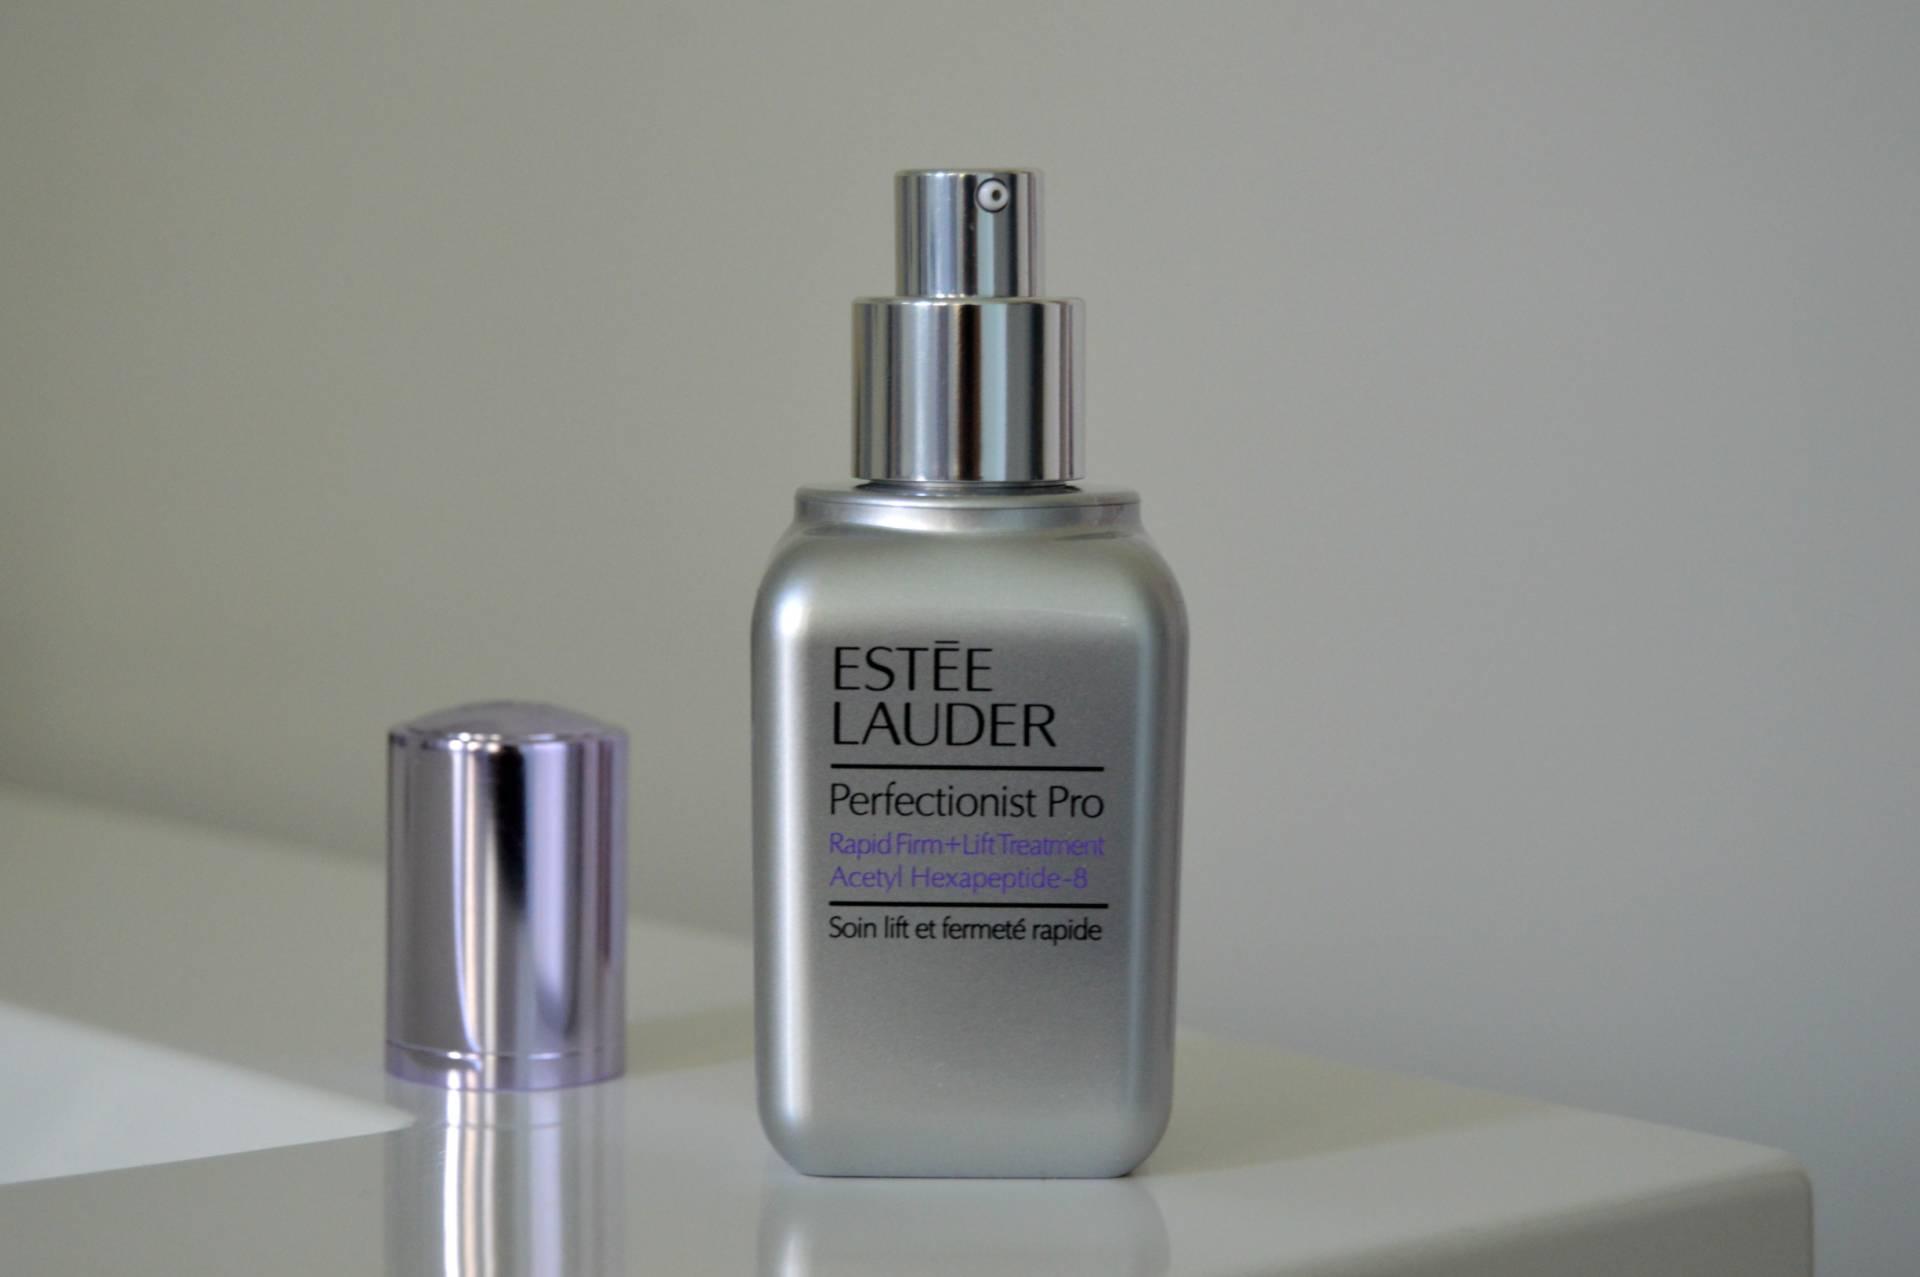 ผลการค้นหารูปภาพสำหรับ estee lauder perfectionist pro rapid firm + lift treatment